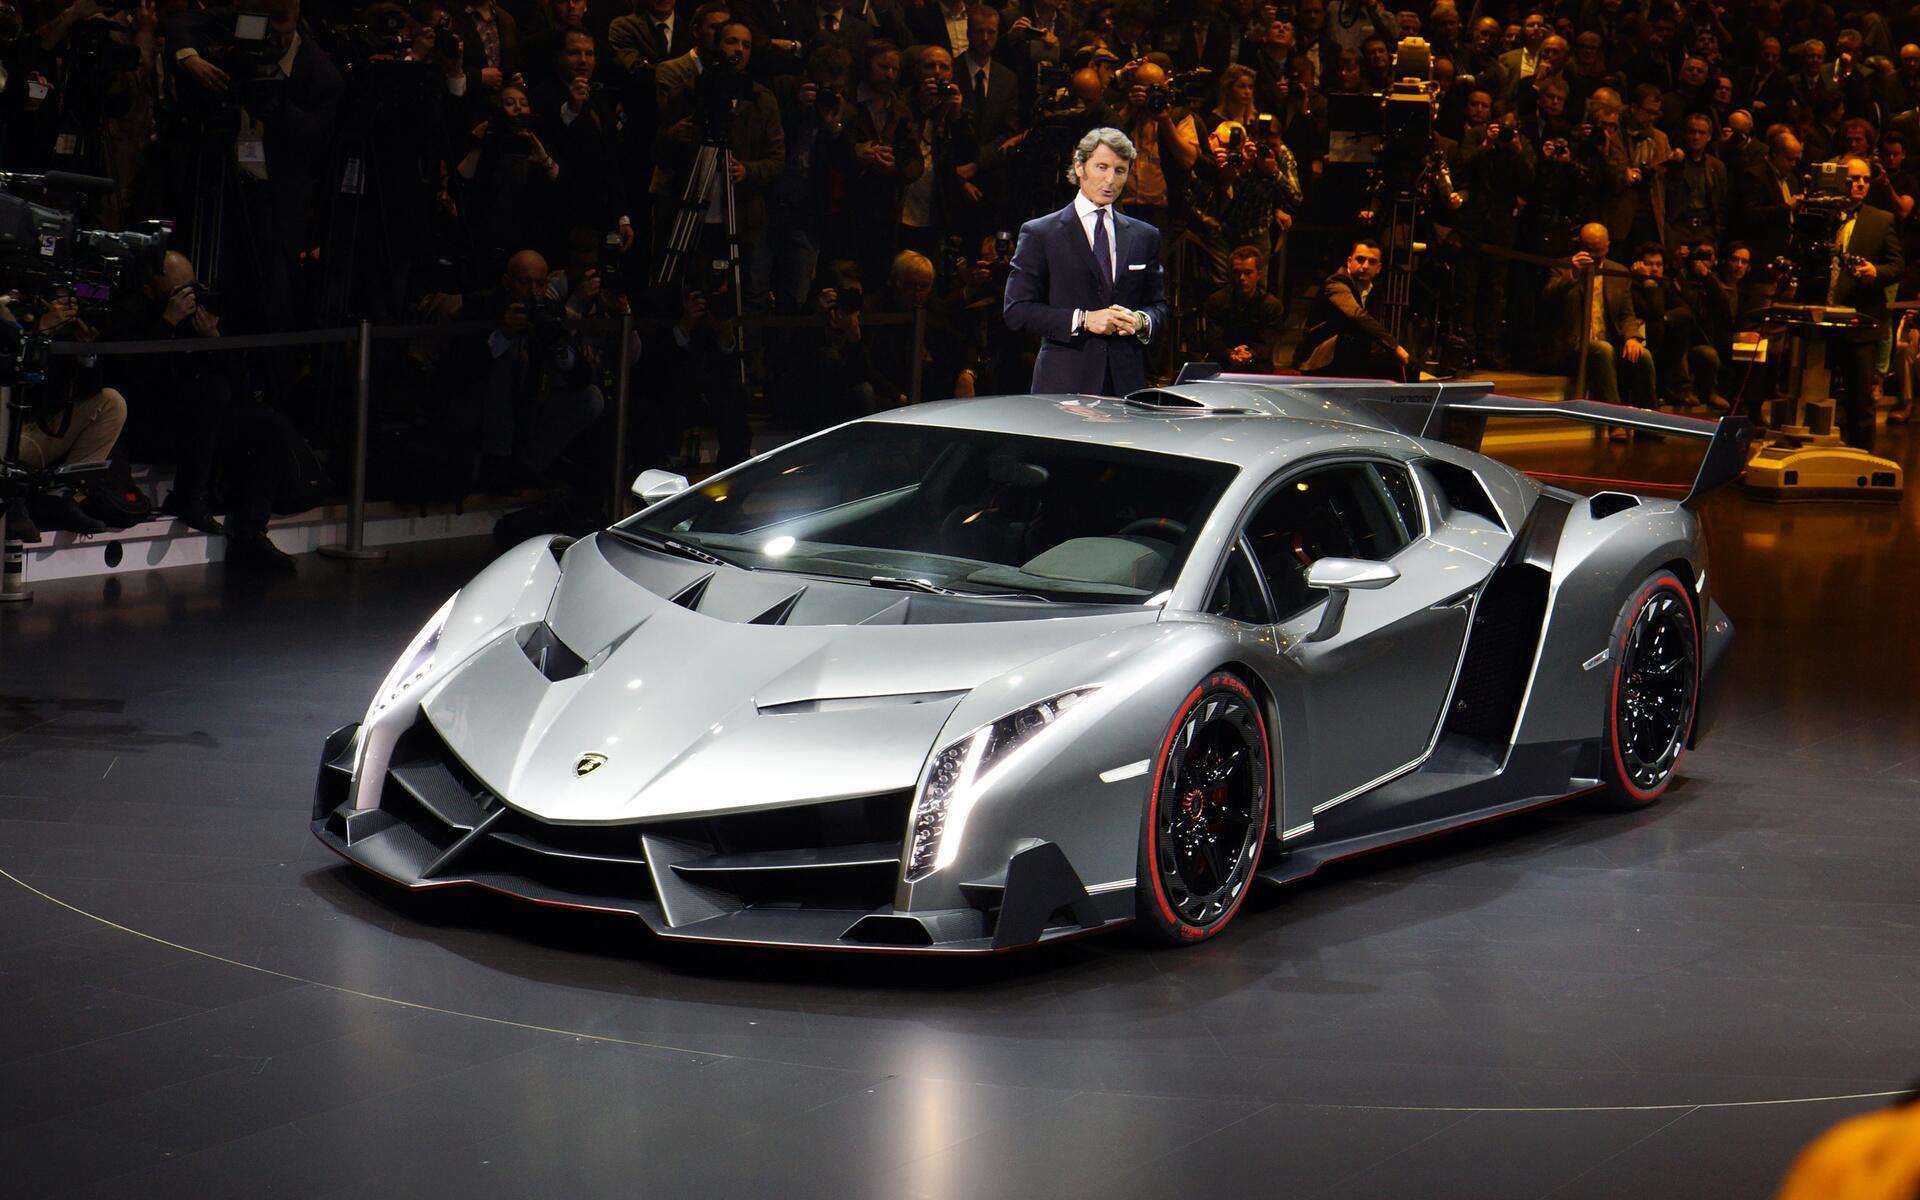 Lamborghini Veneno. Evolución del Aventador llevado al límite. http://t.co/9jGuOsvdlo